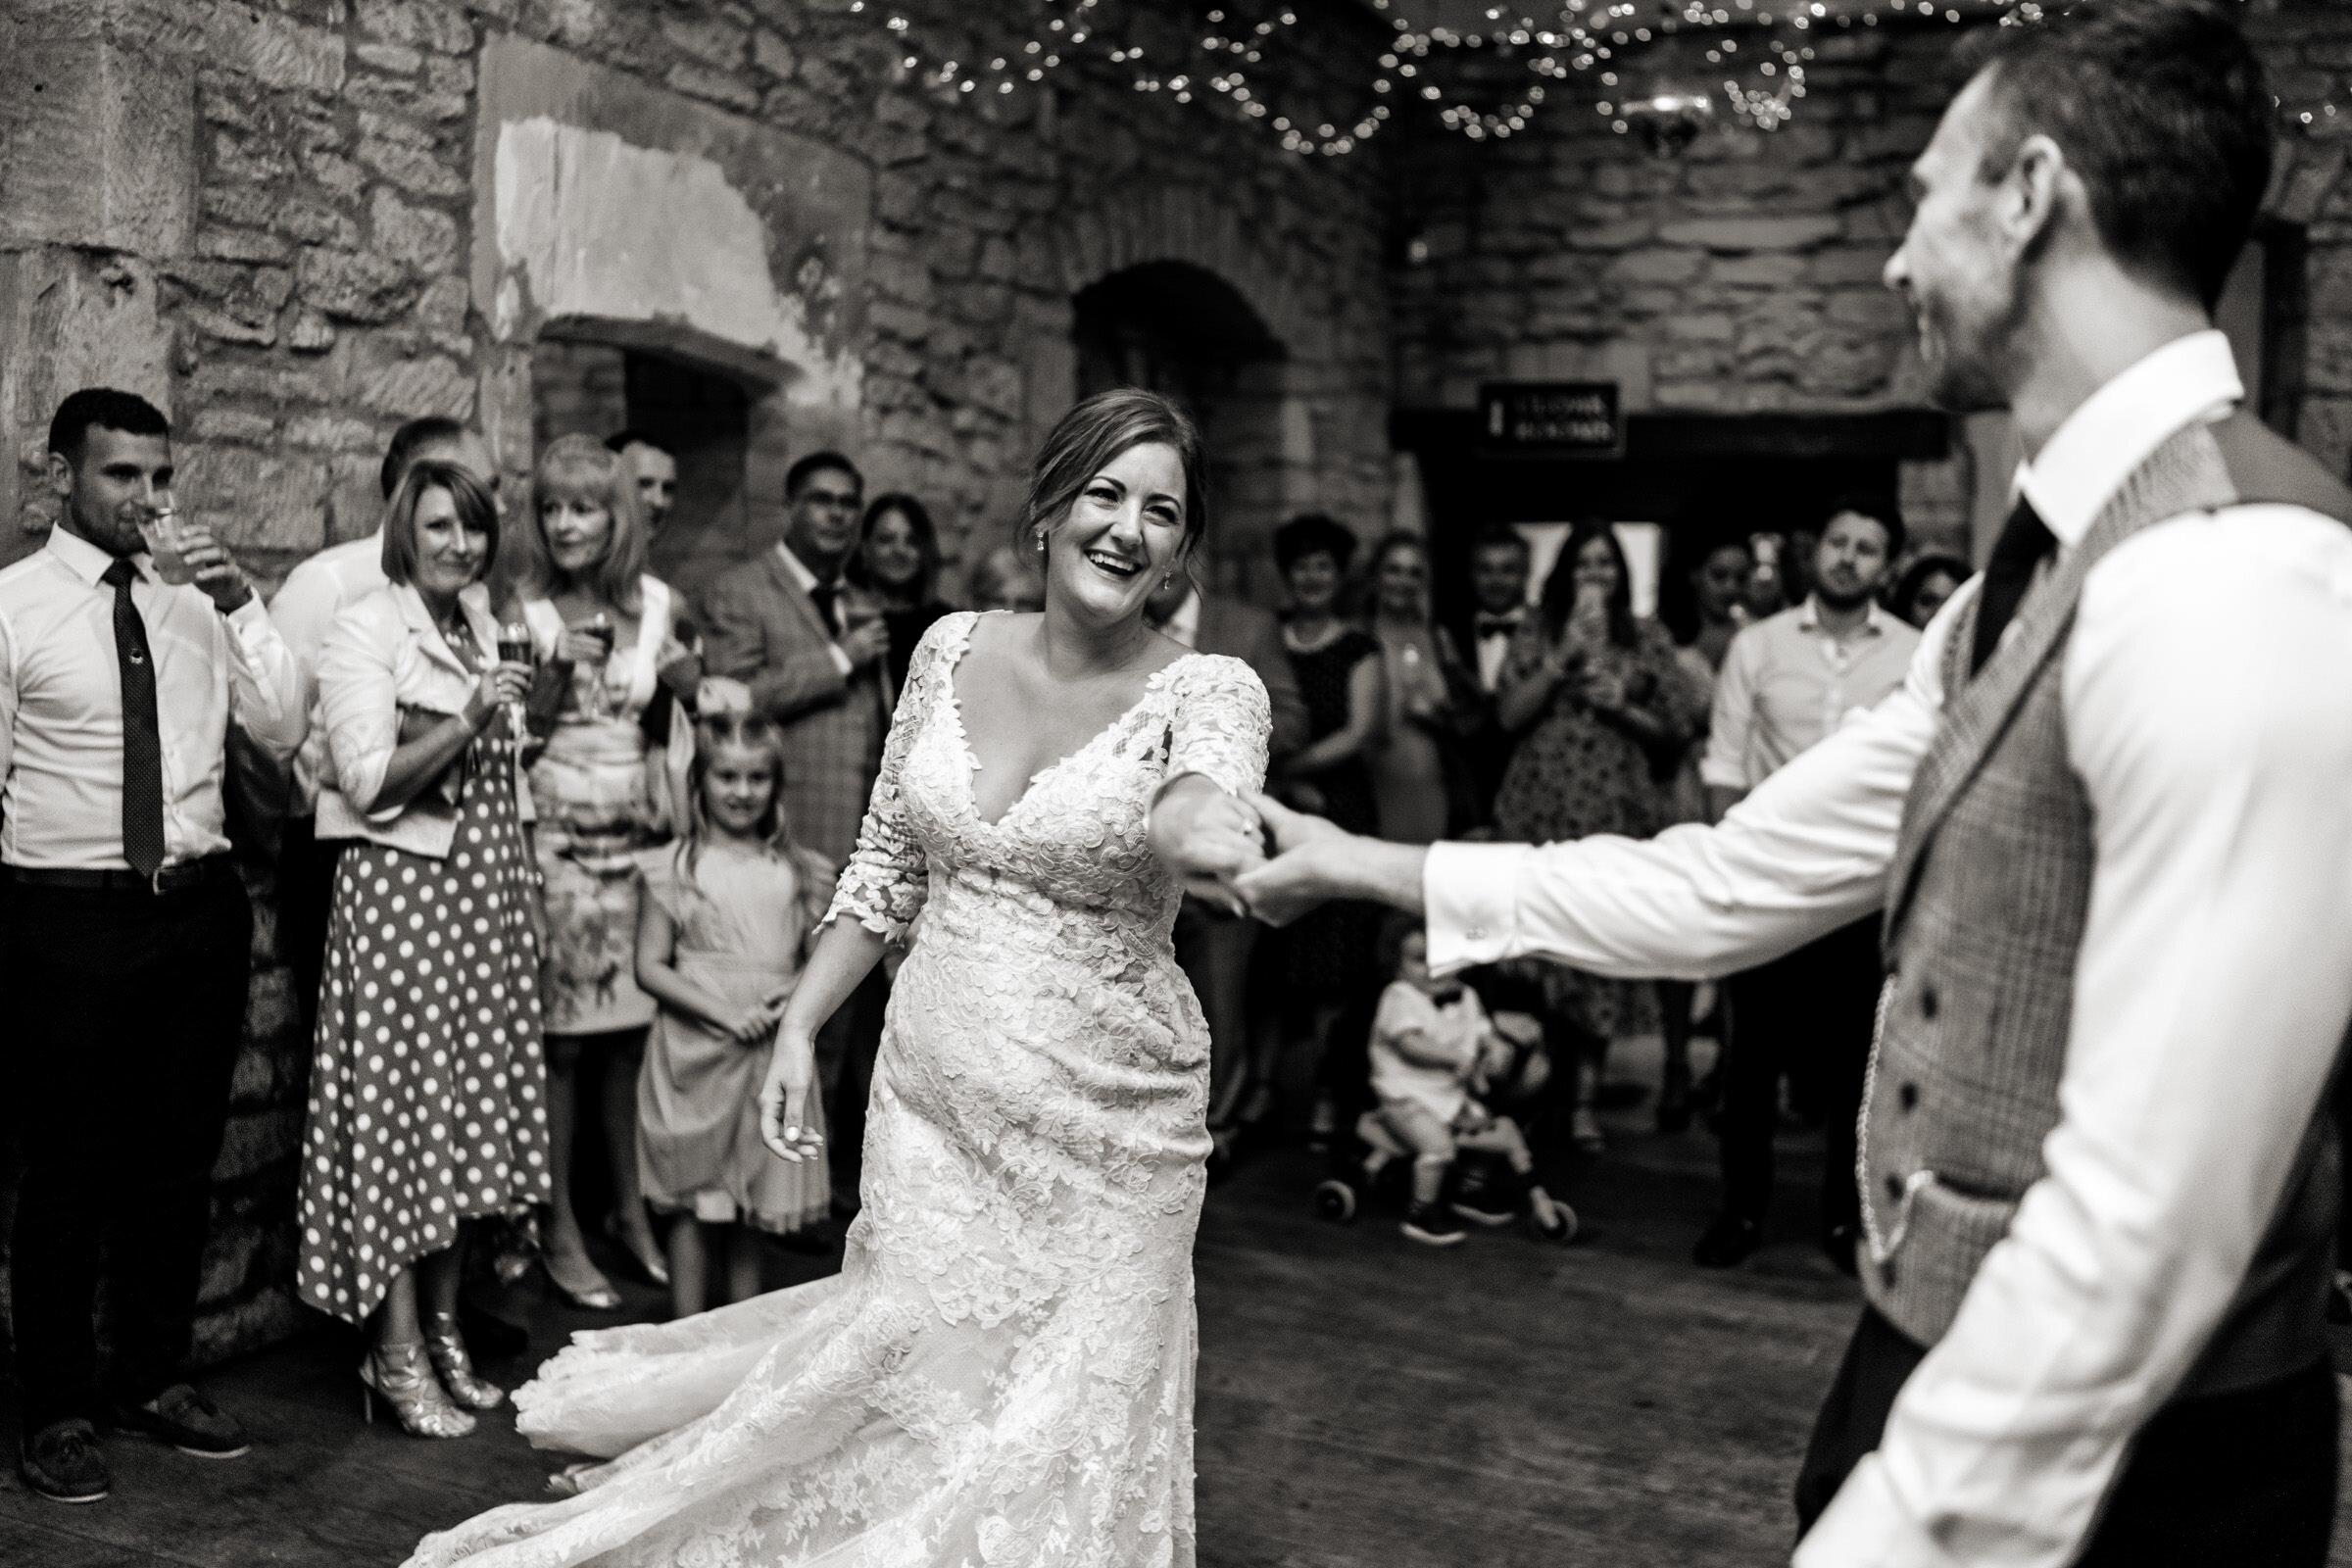 加布里埃尔·柯林斯的照片,婚礼的公寓